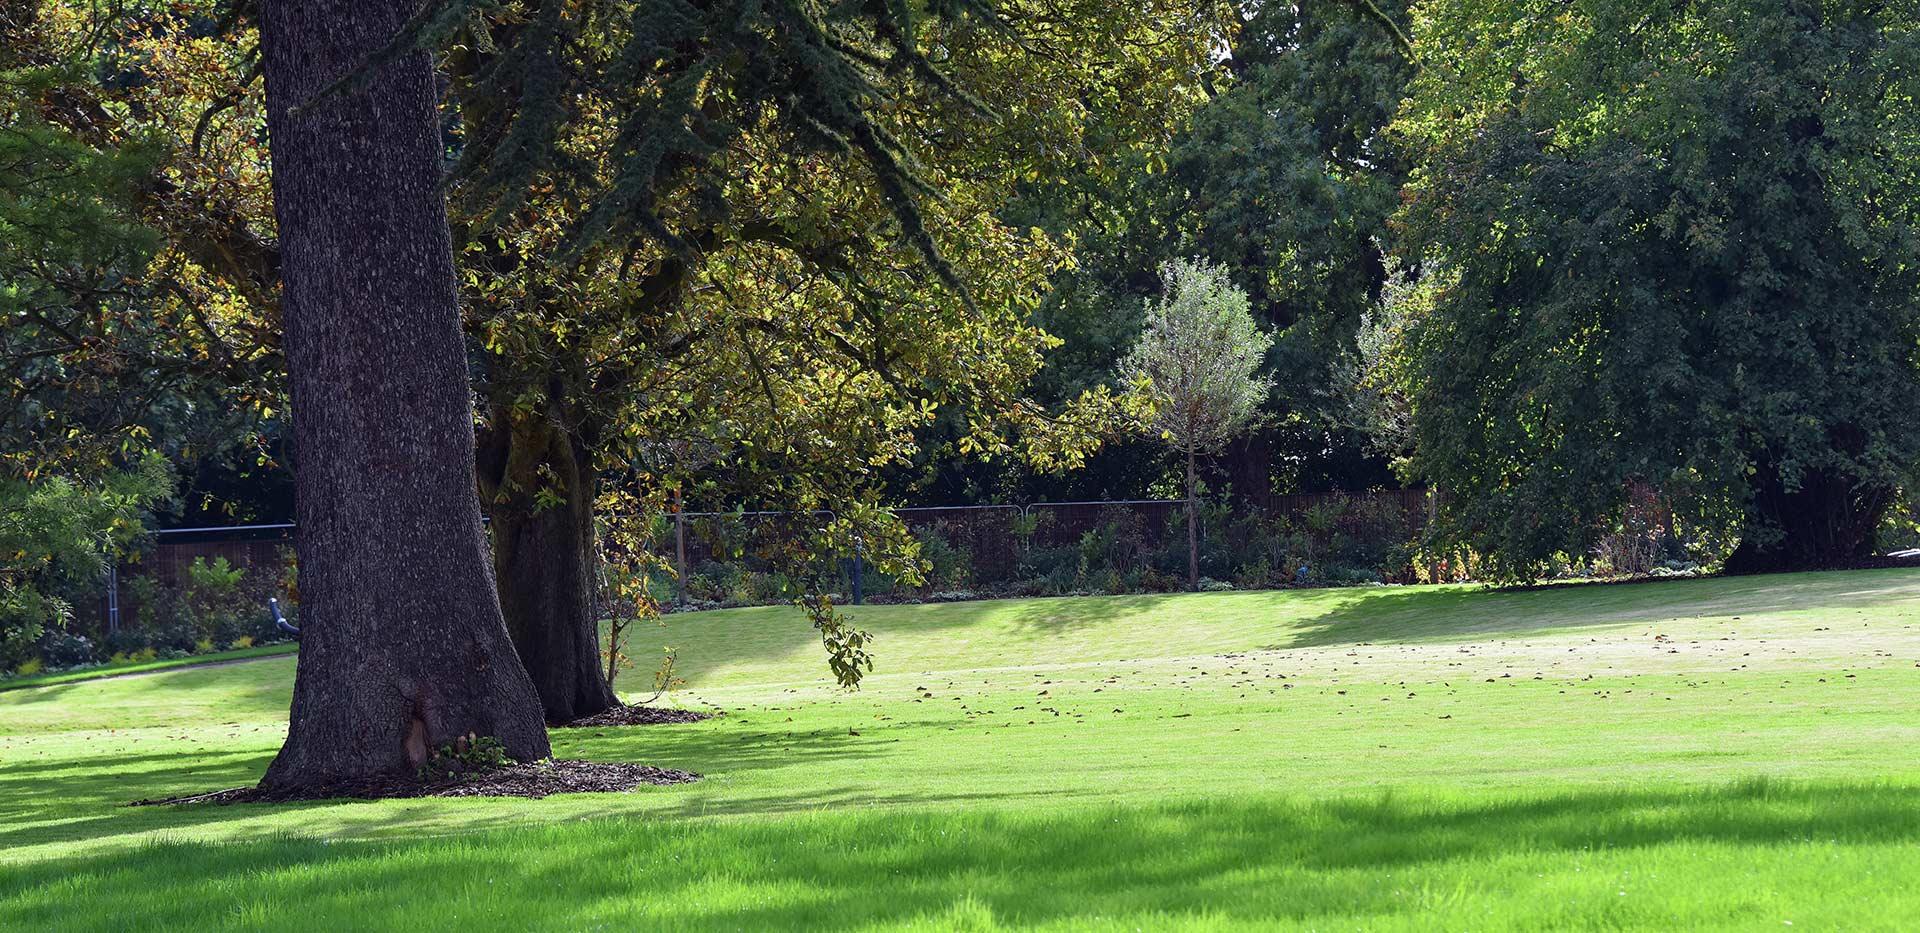 St James, Fitzroy Gate, Park, Exterior